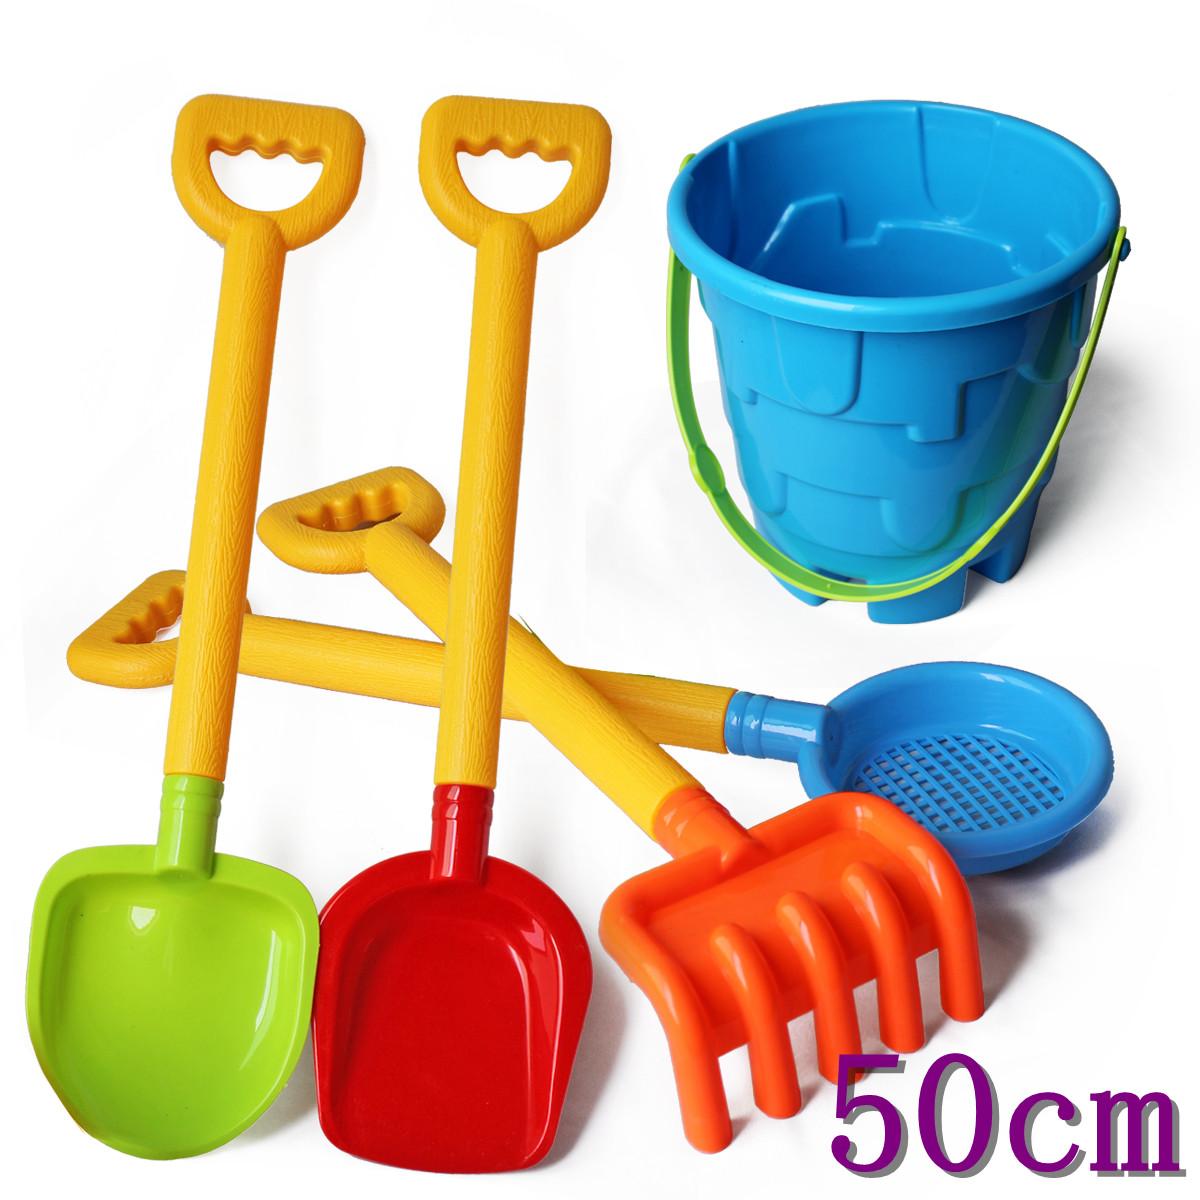 拉沙的献祭之匕位置_沙滩玩具套装 大号铲子水桶 沙滩玩具批发 儿童玩沙戏水工具